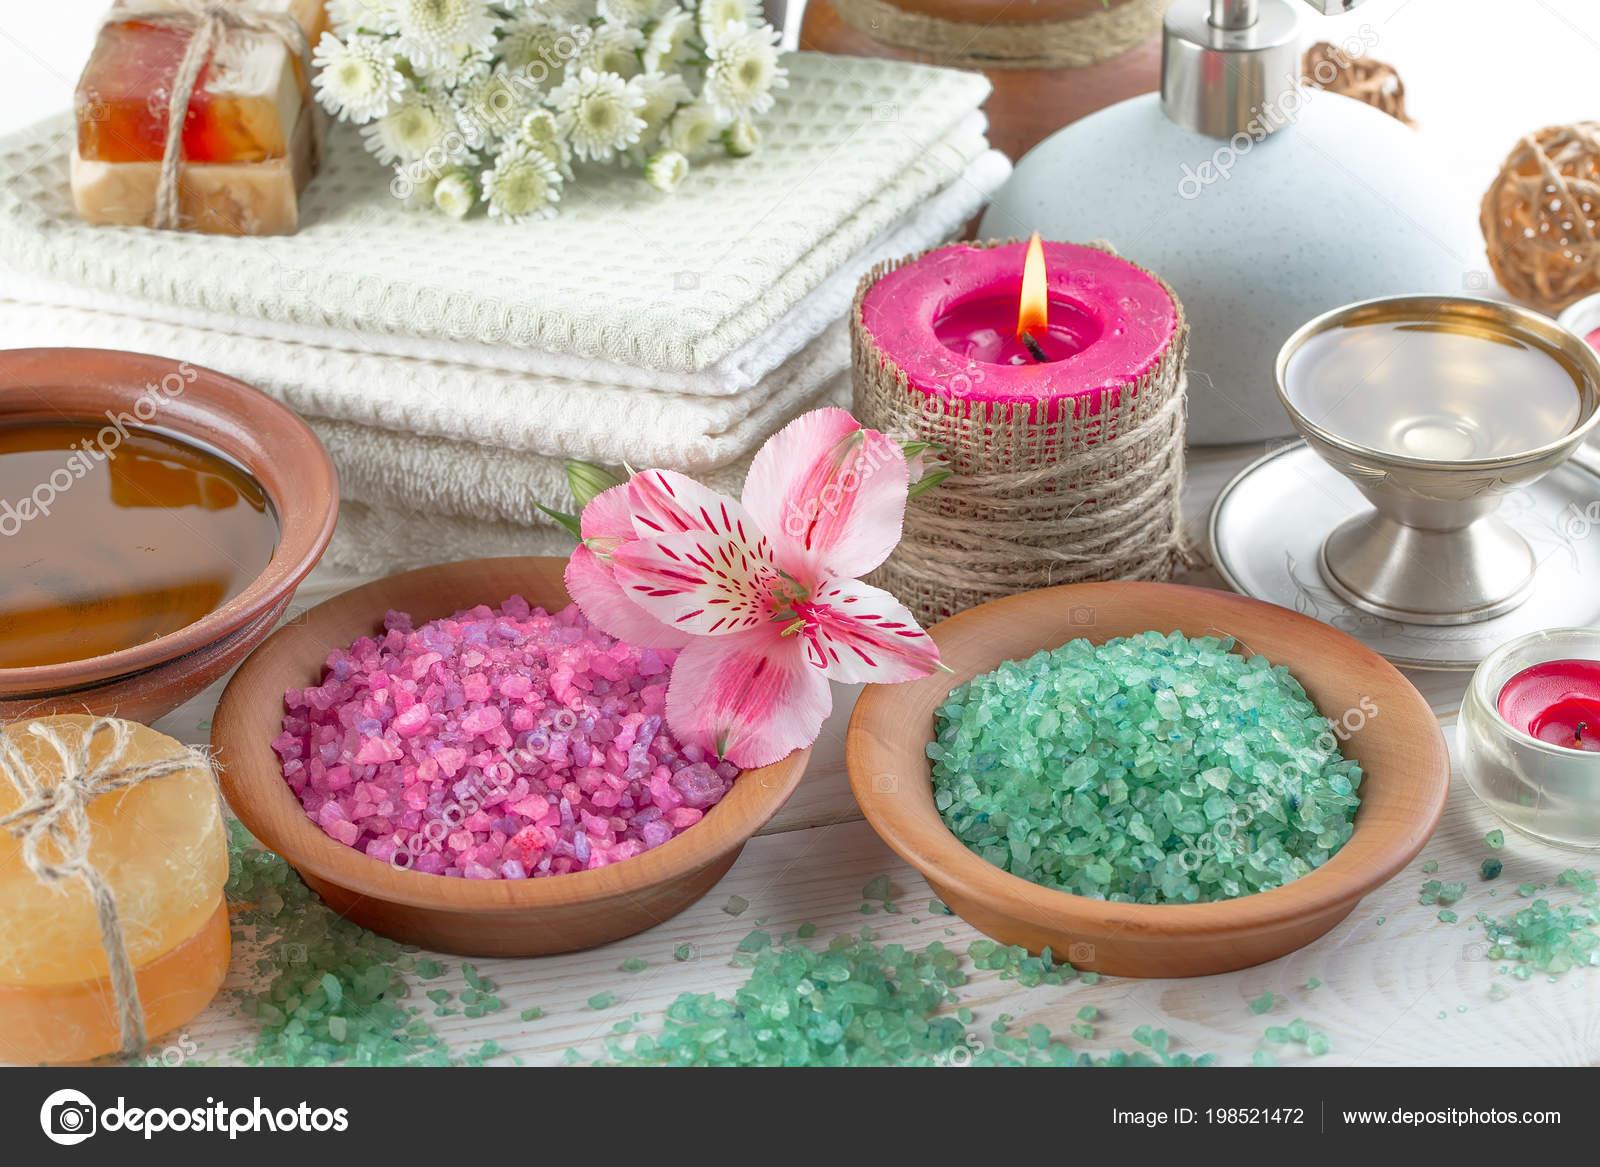 online retailer stable quality new style Accessoires Spa Pour Massage Dans Une Composition Sur Fond ...